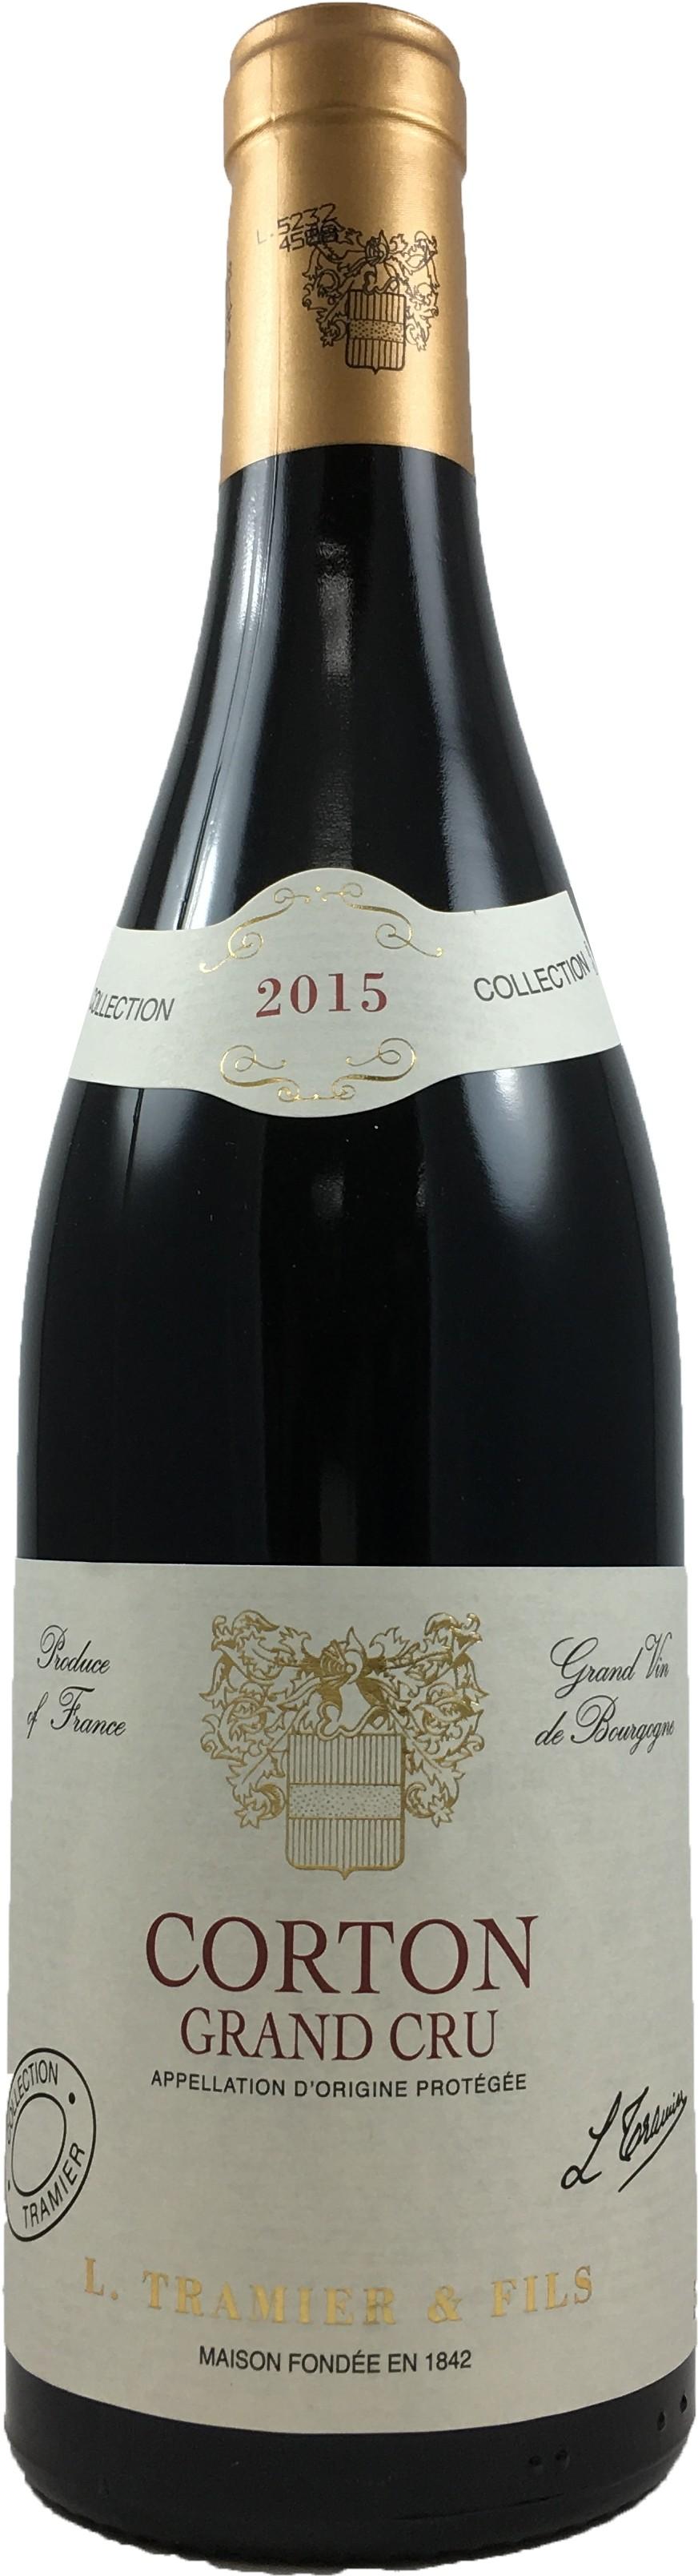 法國 鉈尼酒莊 科通特級園 2015 紅葡萄酒